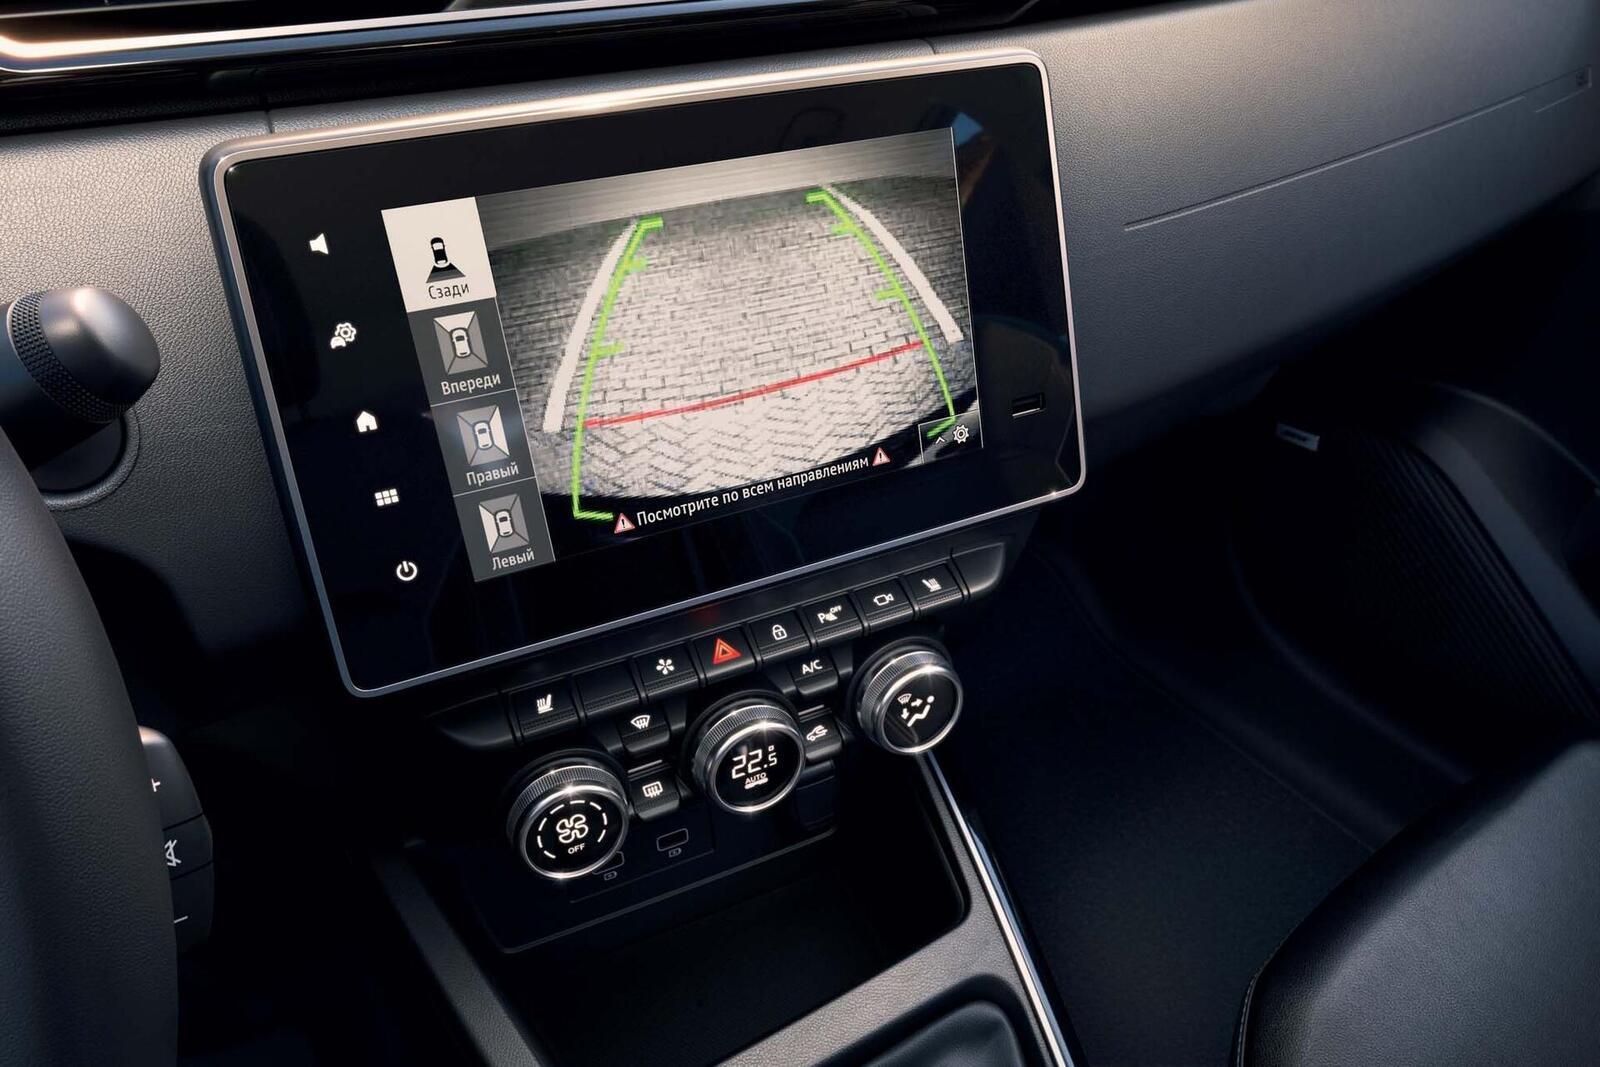 Renault giới thiệu Arkana mới: SUV Coupe mang thiết kế tương tự BMW X6 - Hình 13